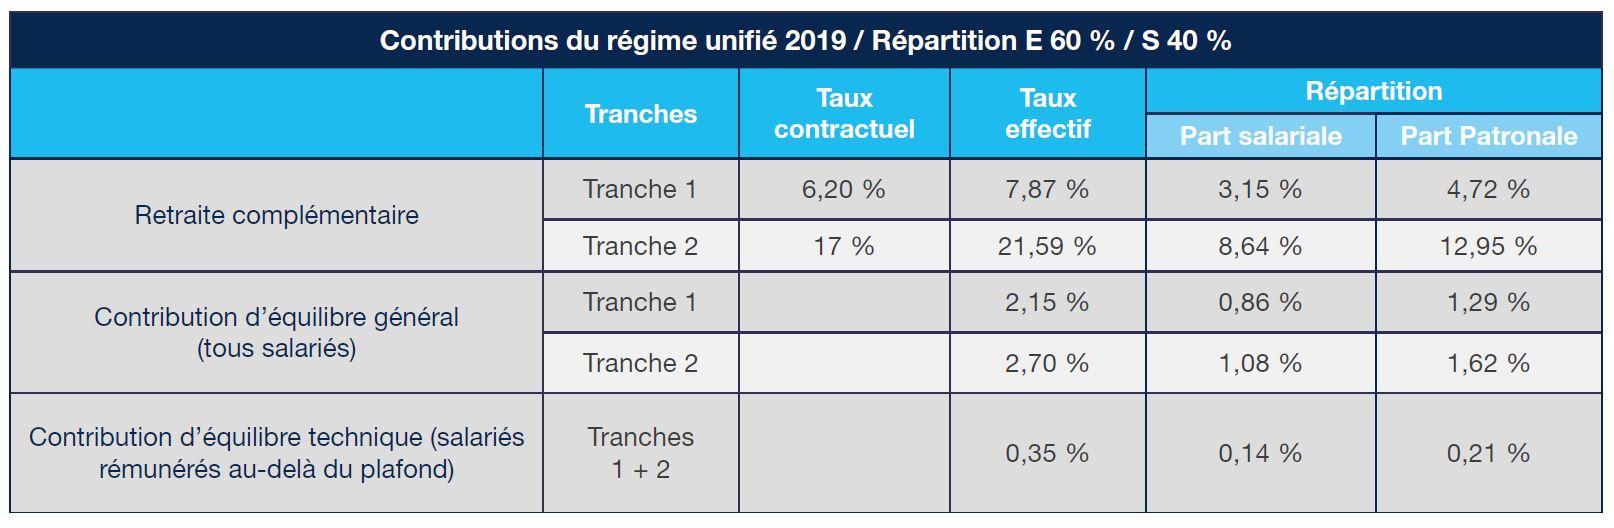 Contributions du régime unifié 2019 / Répartition E 60 % / S 40 %